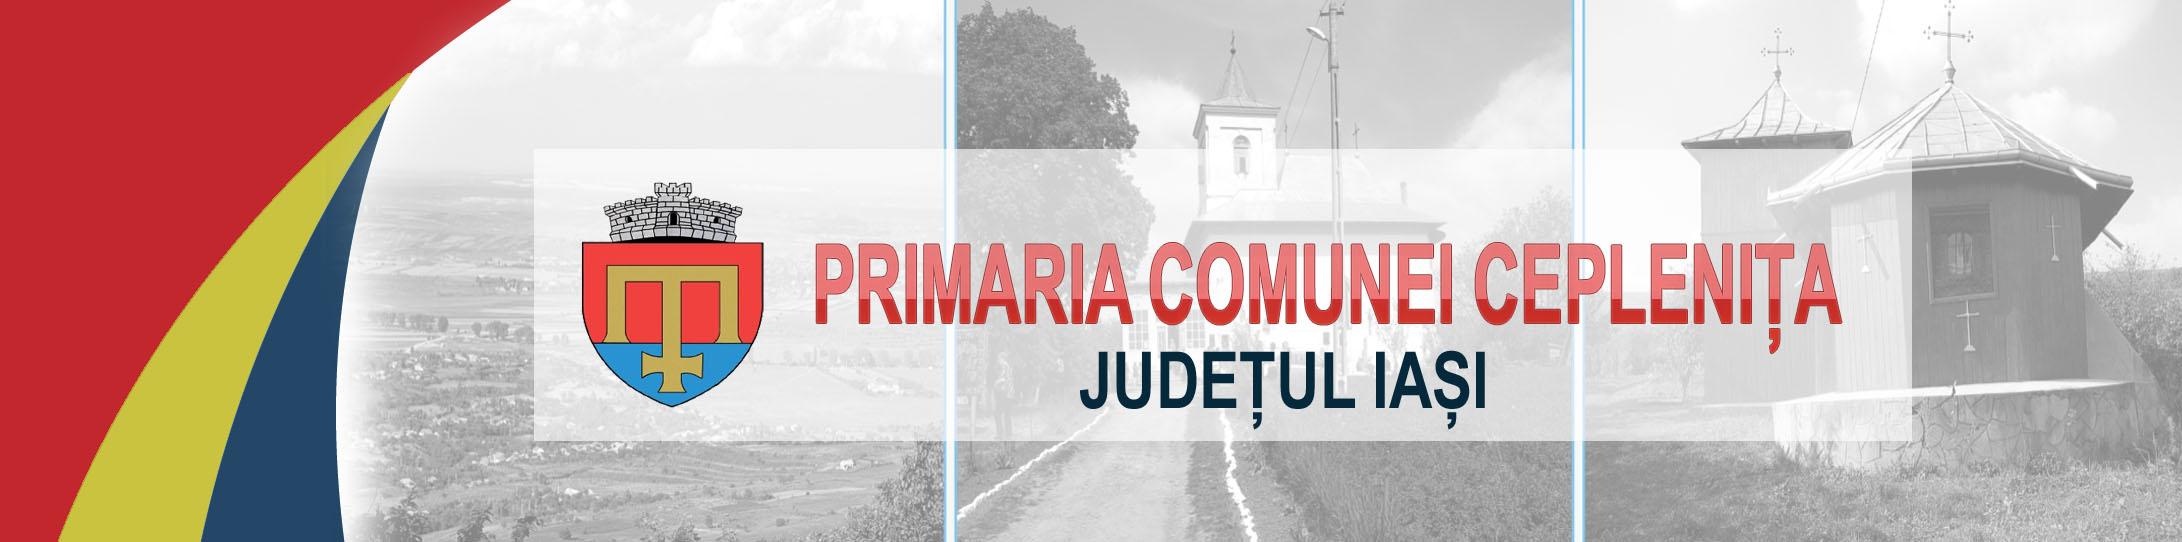 Primaria Comunei Ceplenita